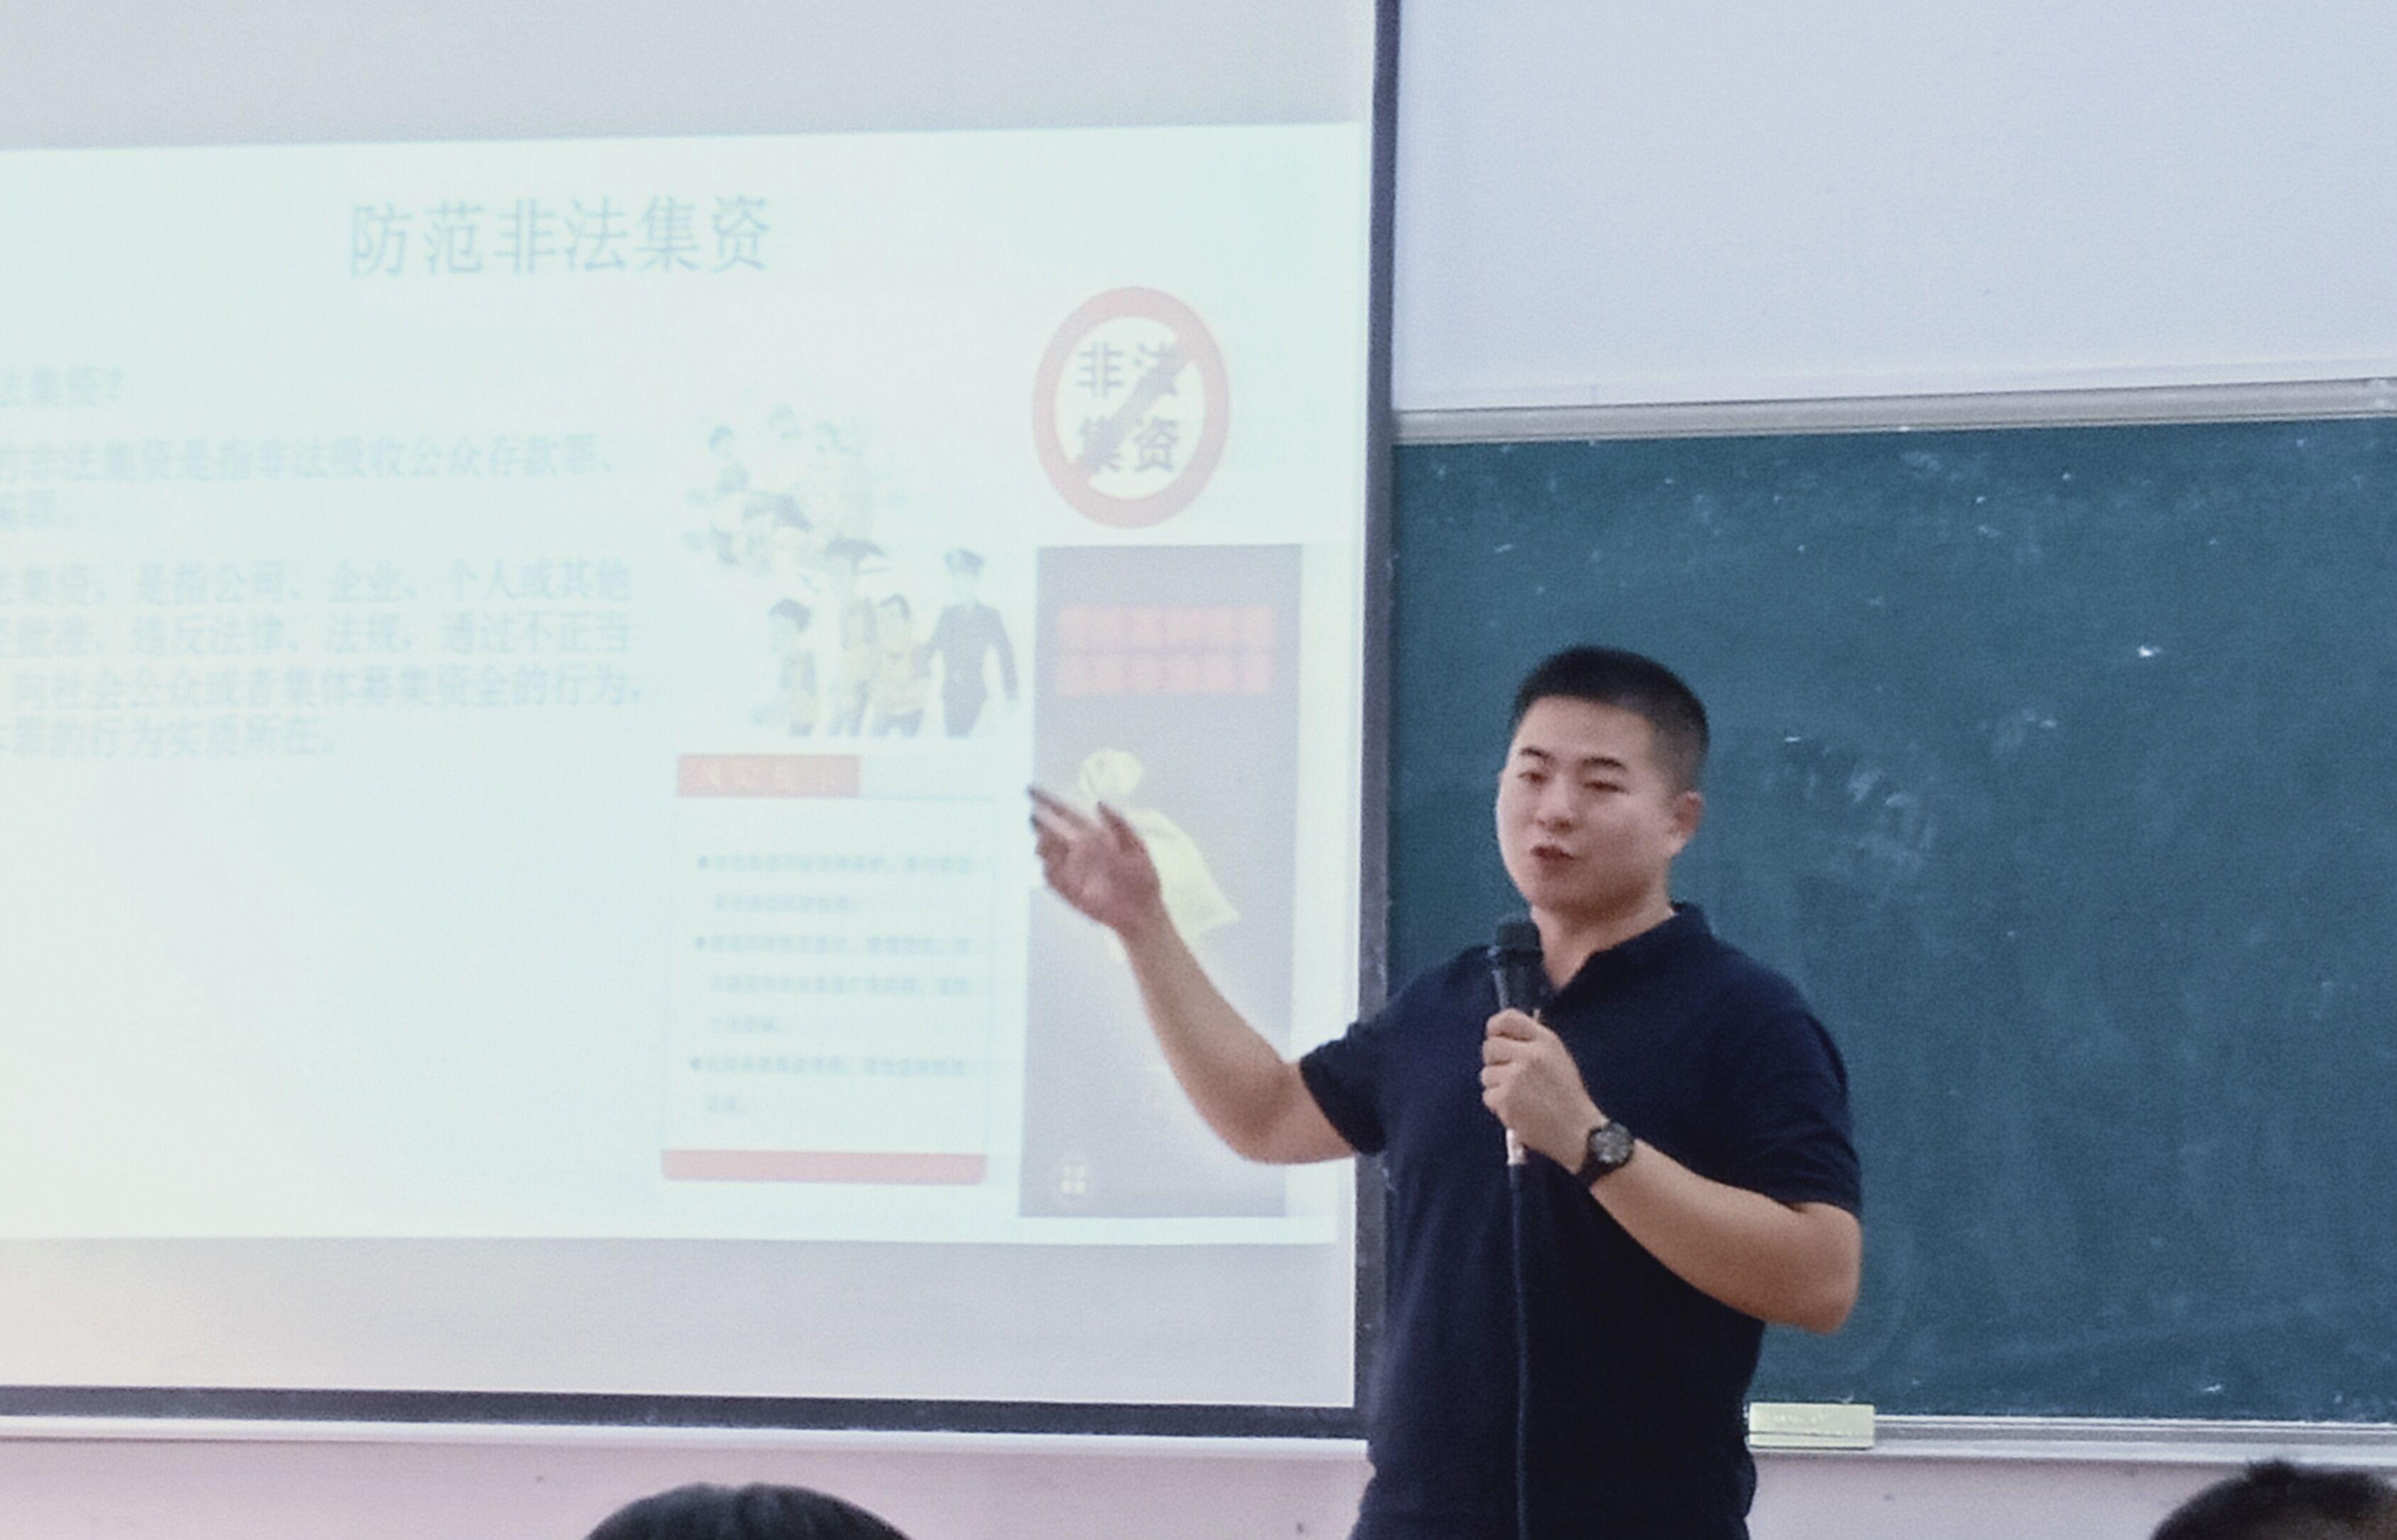 千龙娱乐举办普法专题讲座